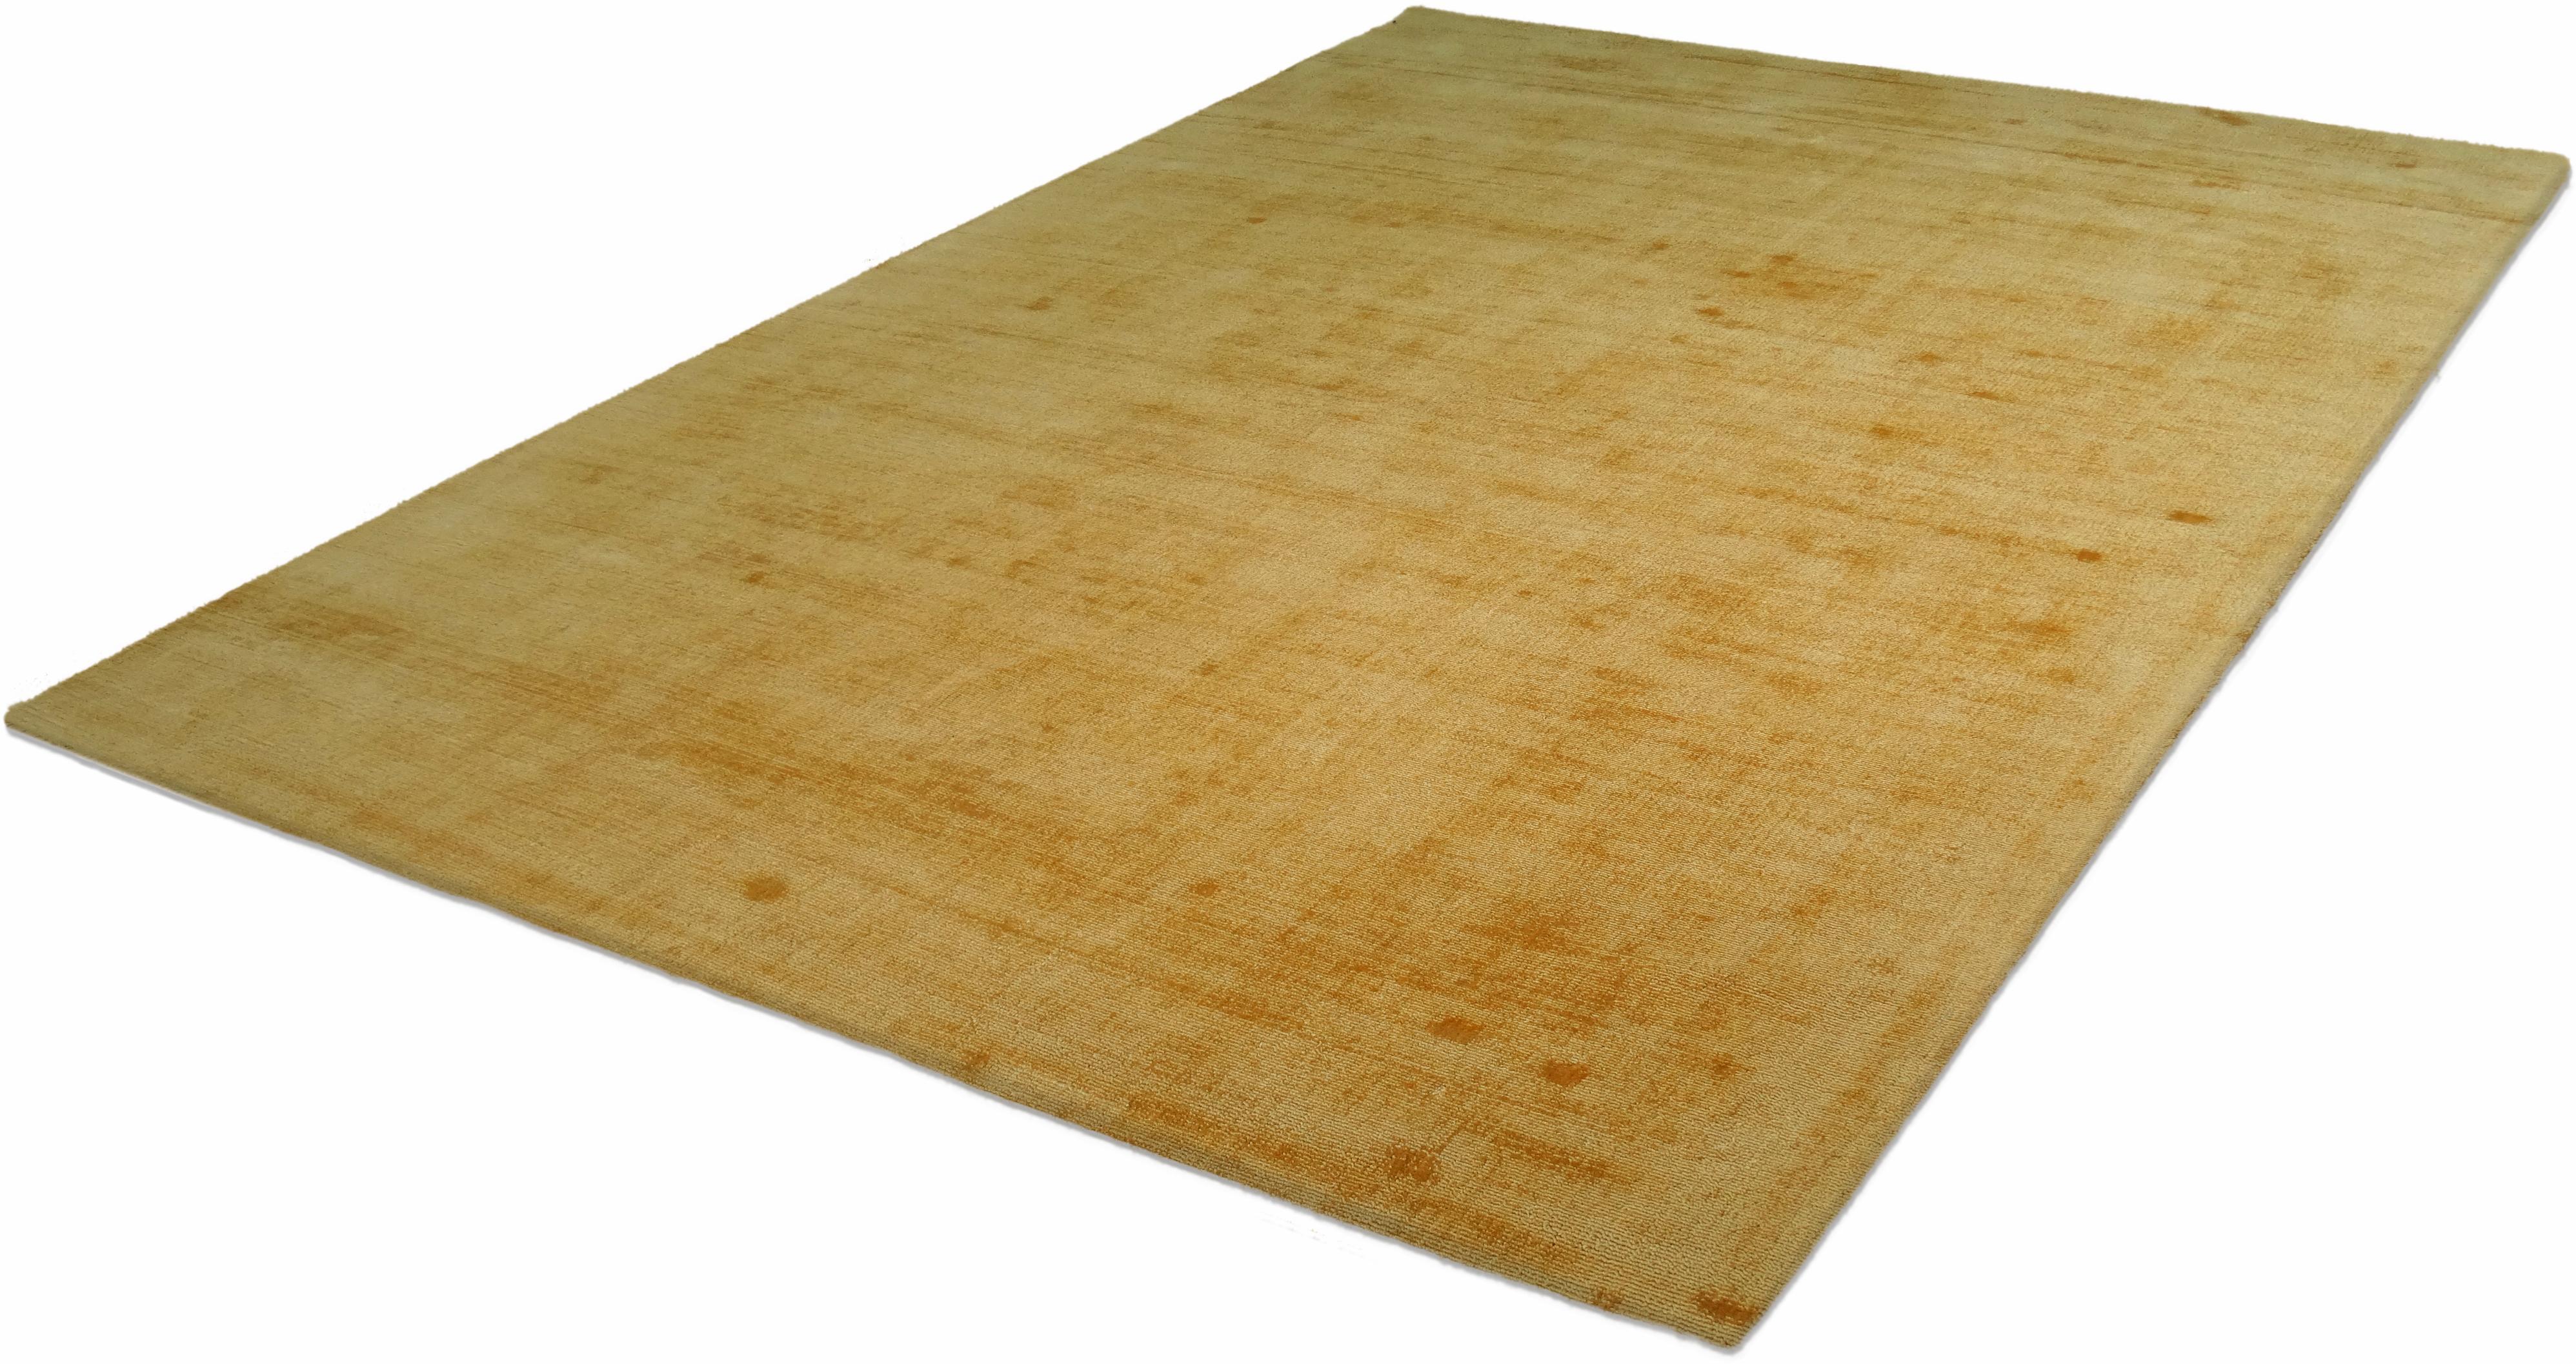 Teppich Luxury 110 Kayoom rechteckig Höhe 13 mm handgewebt